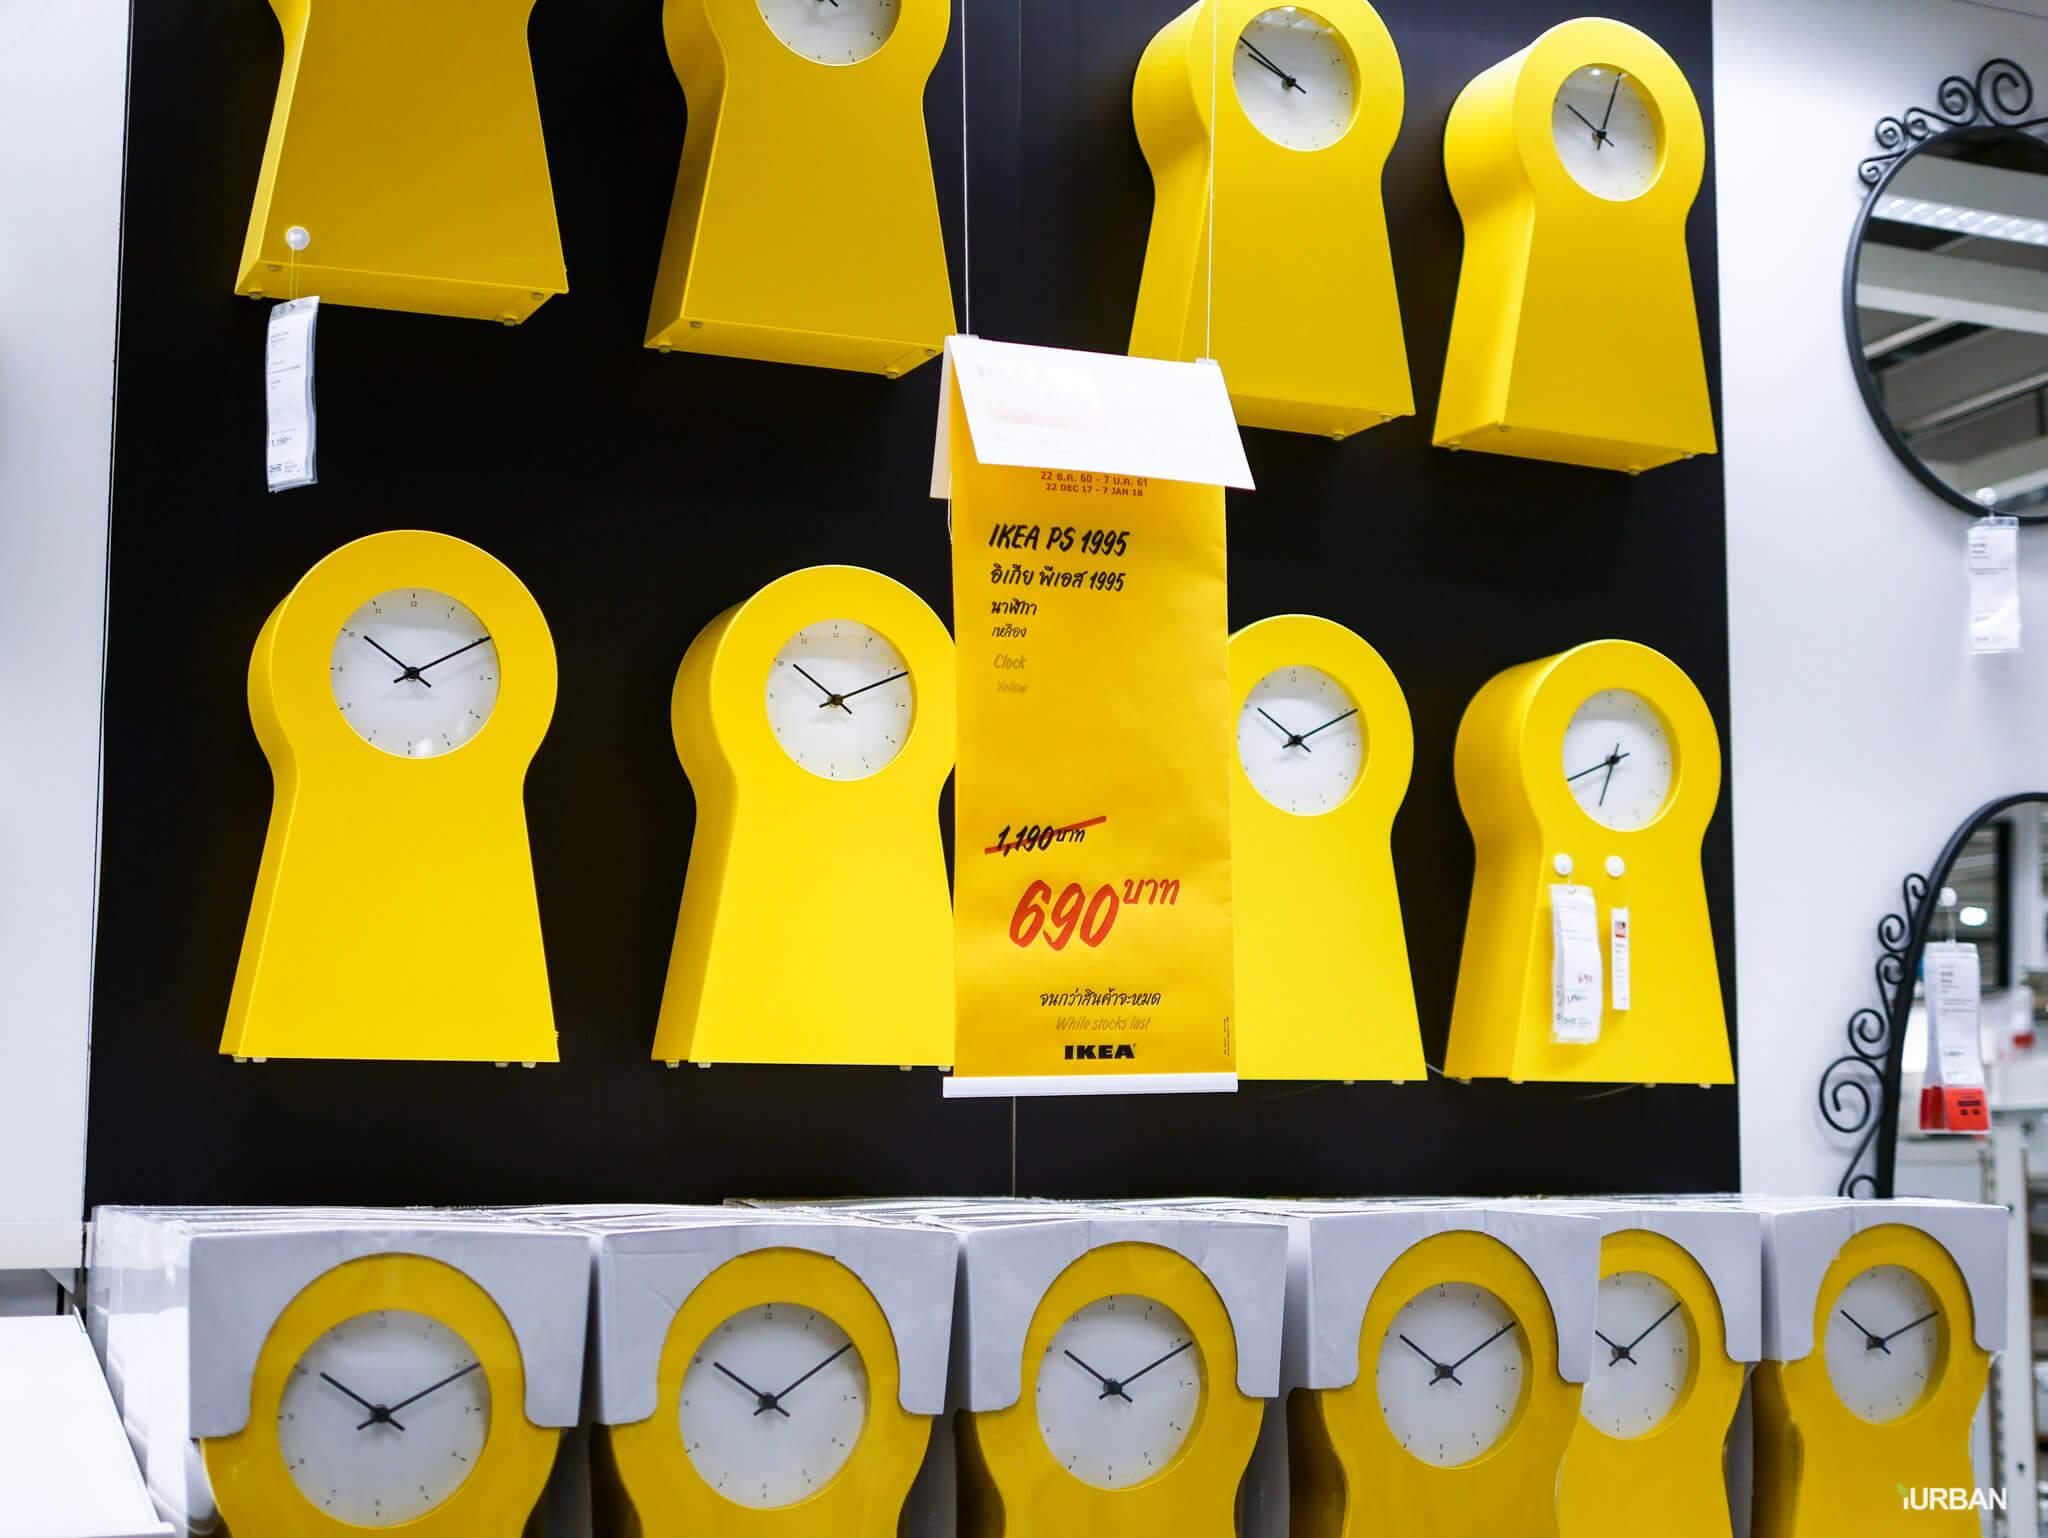 มันเยอะมากกกก!! IKEA Year End SALE 2017 รวมของเซลในอิเกีย ลดเยอะ ลดแหลก รีบพุ่งตัวไป วันนี้ - 7 มกราคม 61 200 - IKEA (อิเกีย)